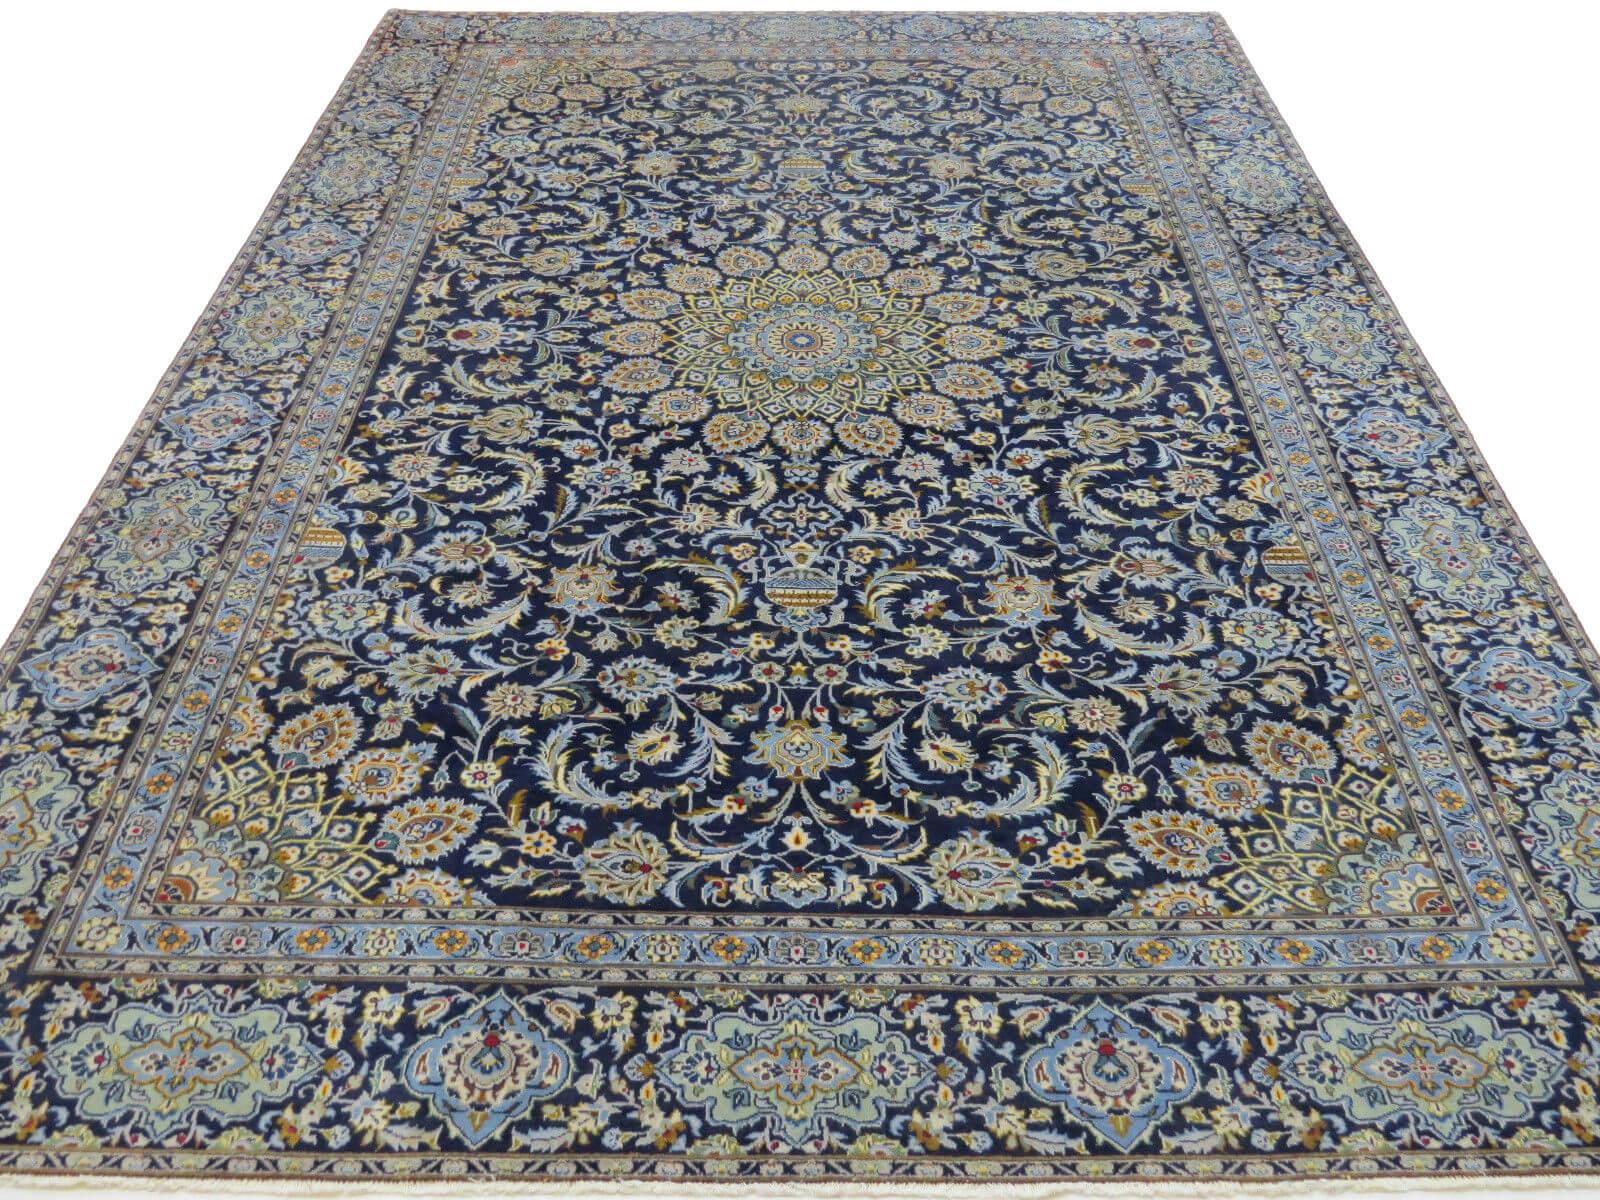 Perzisch Tapijt Blauw : Kashan tapijt blauw 2 deolijfberg.nl